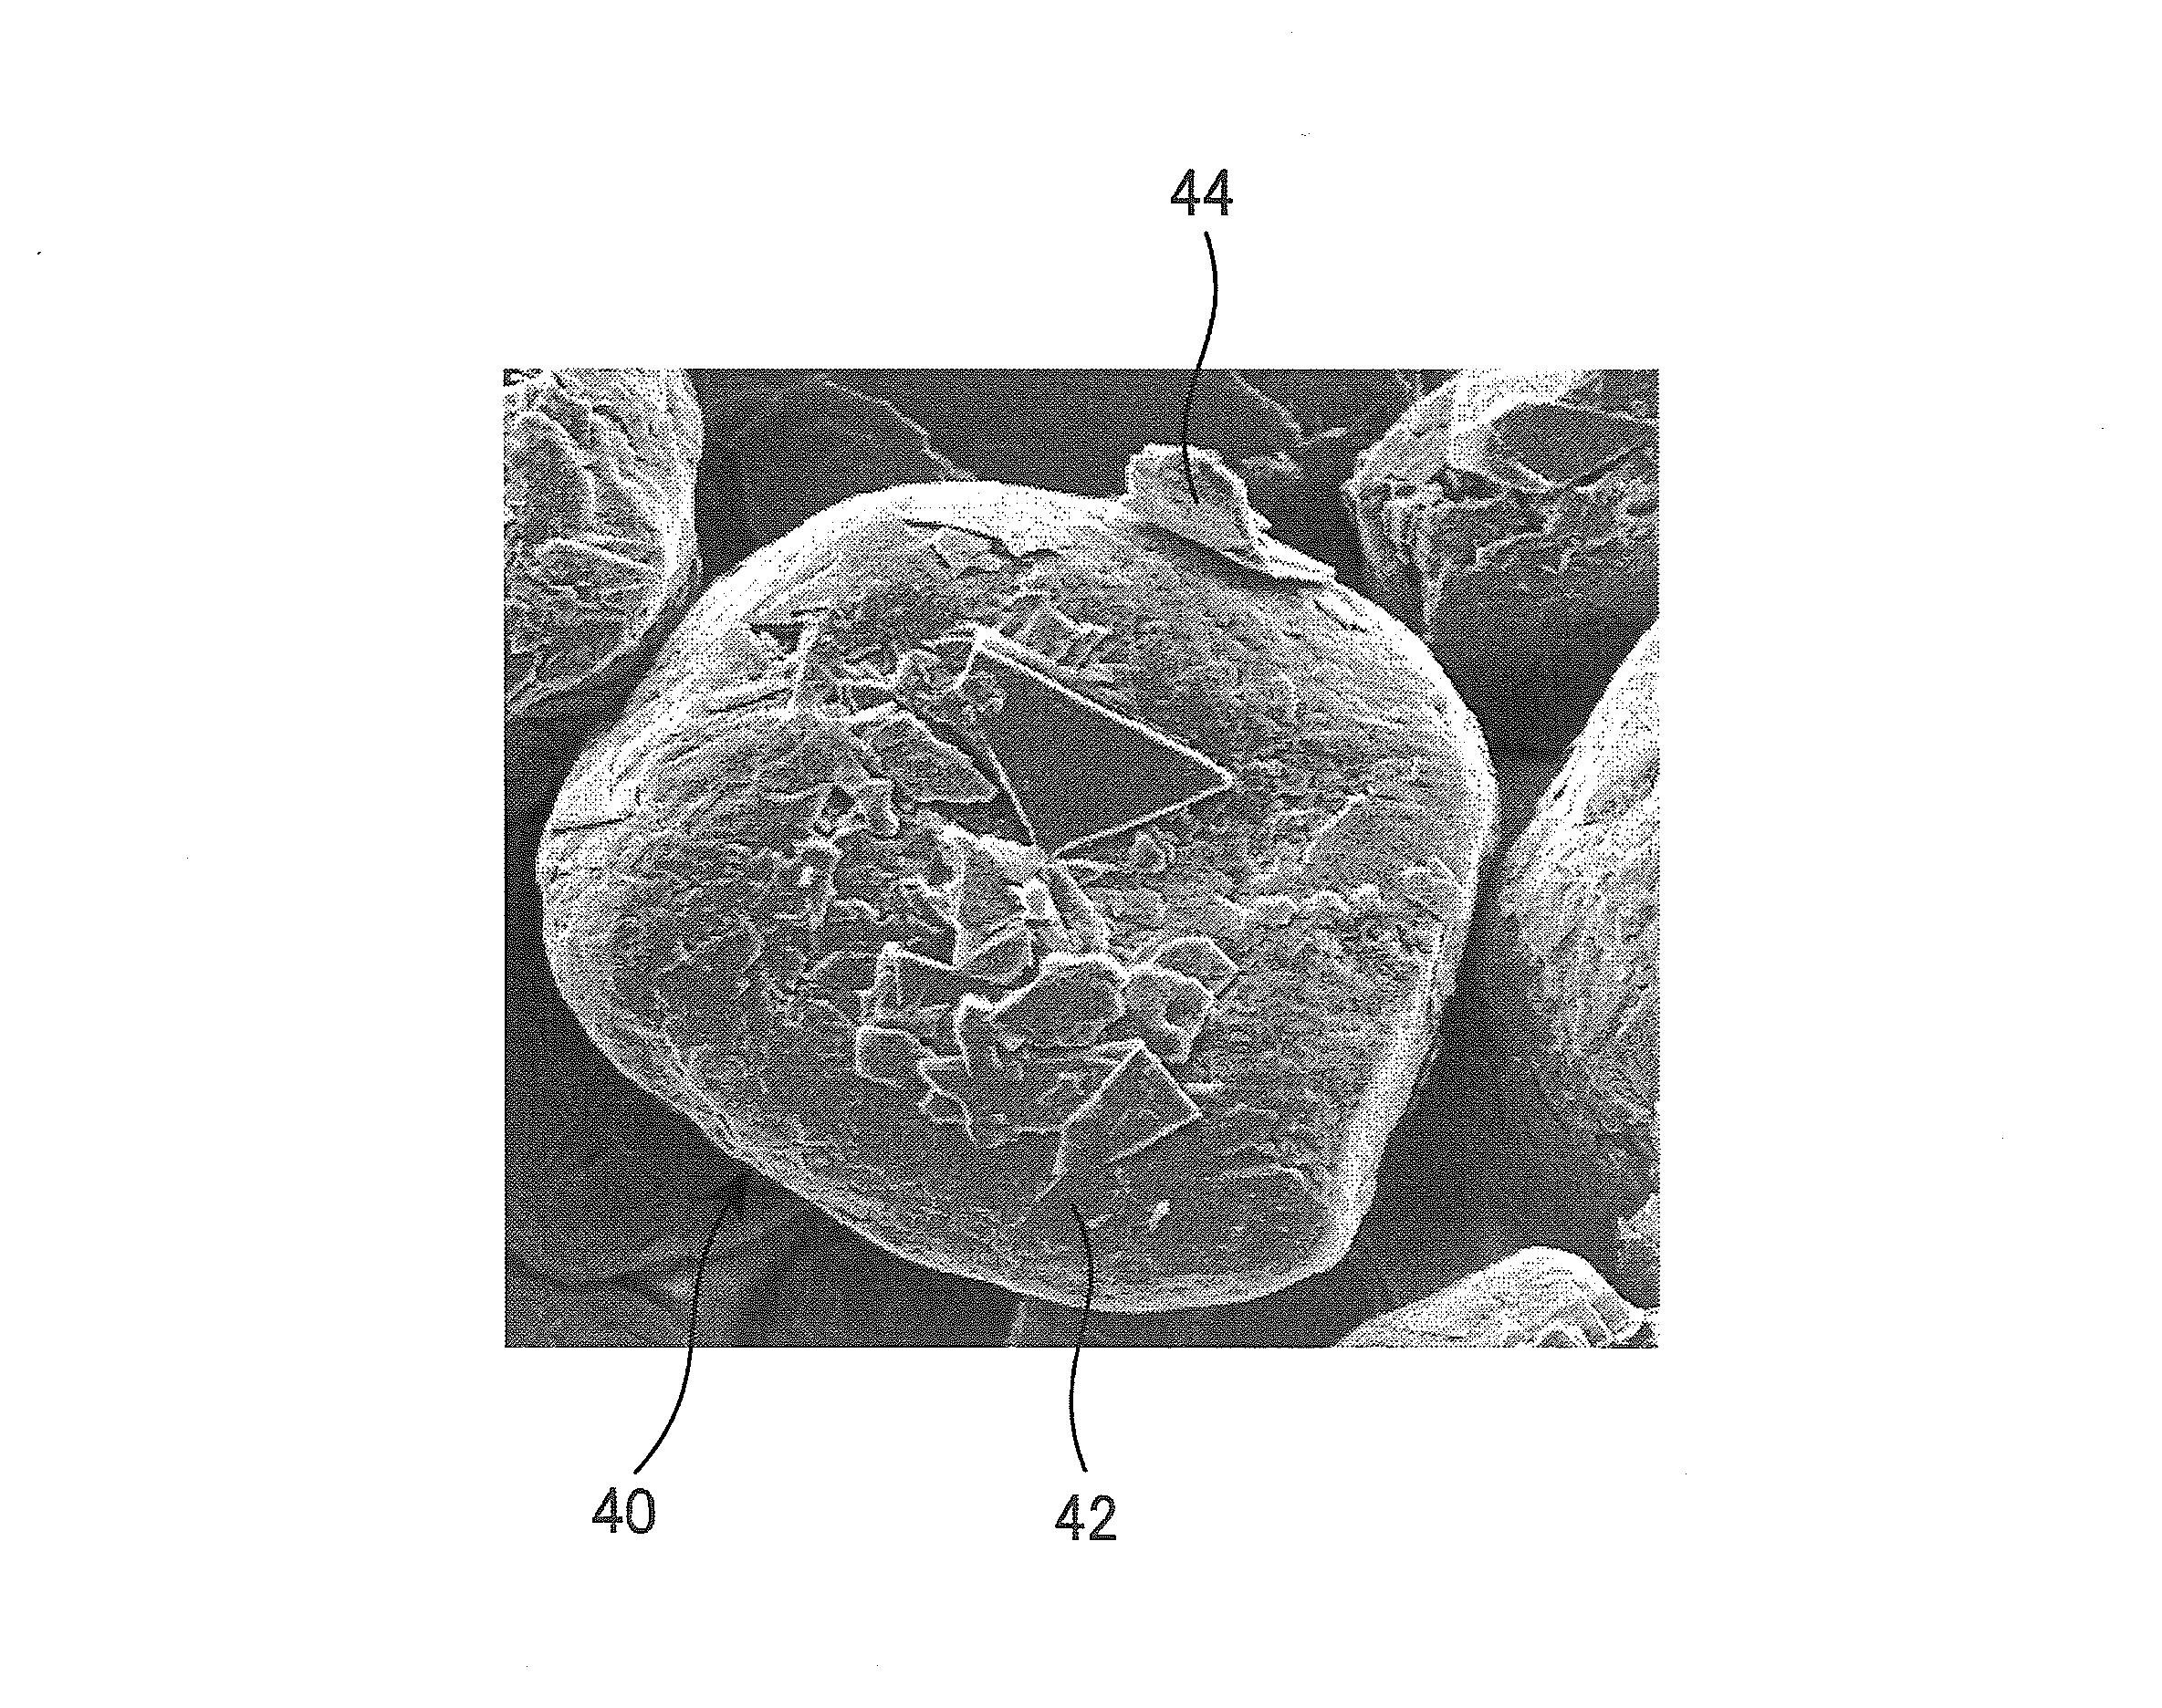 Patent Drawing 複合黒鉛質材料及びその製造方法、リチウムイオン二次電池用負極材料、